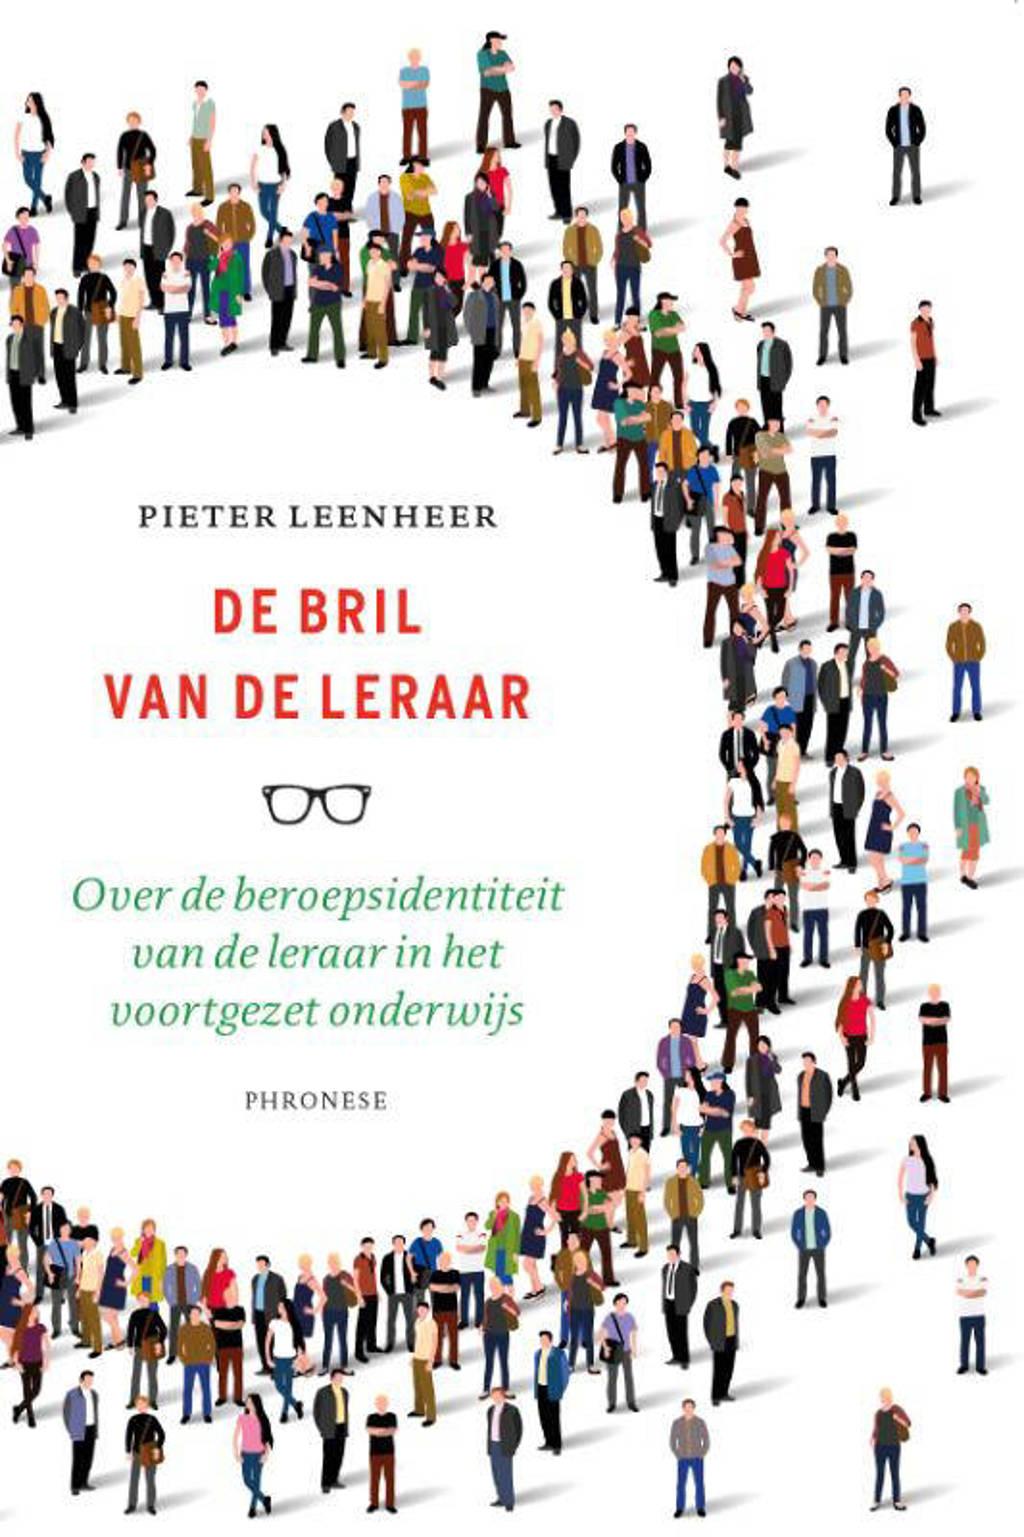 De bril van de leraar - Pieter Leenheer